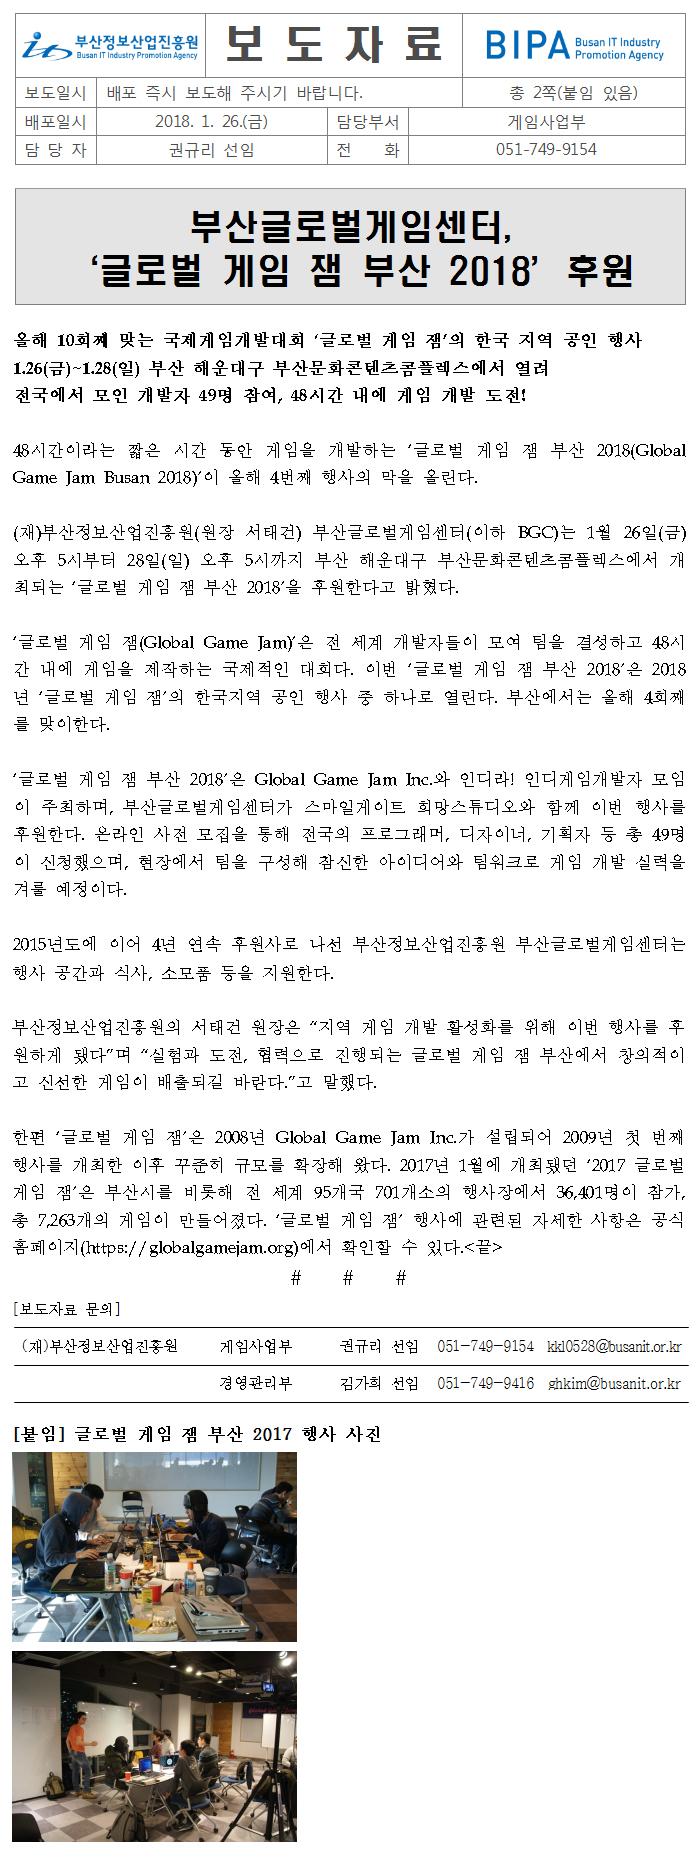 부산글로벌게임센터,'글로벌 게임 잼 부산 2018'후원